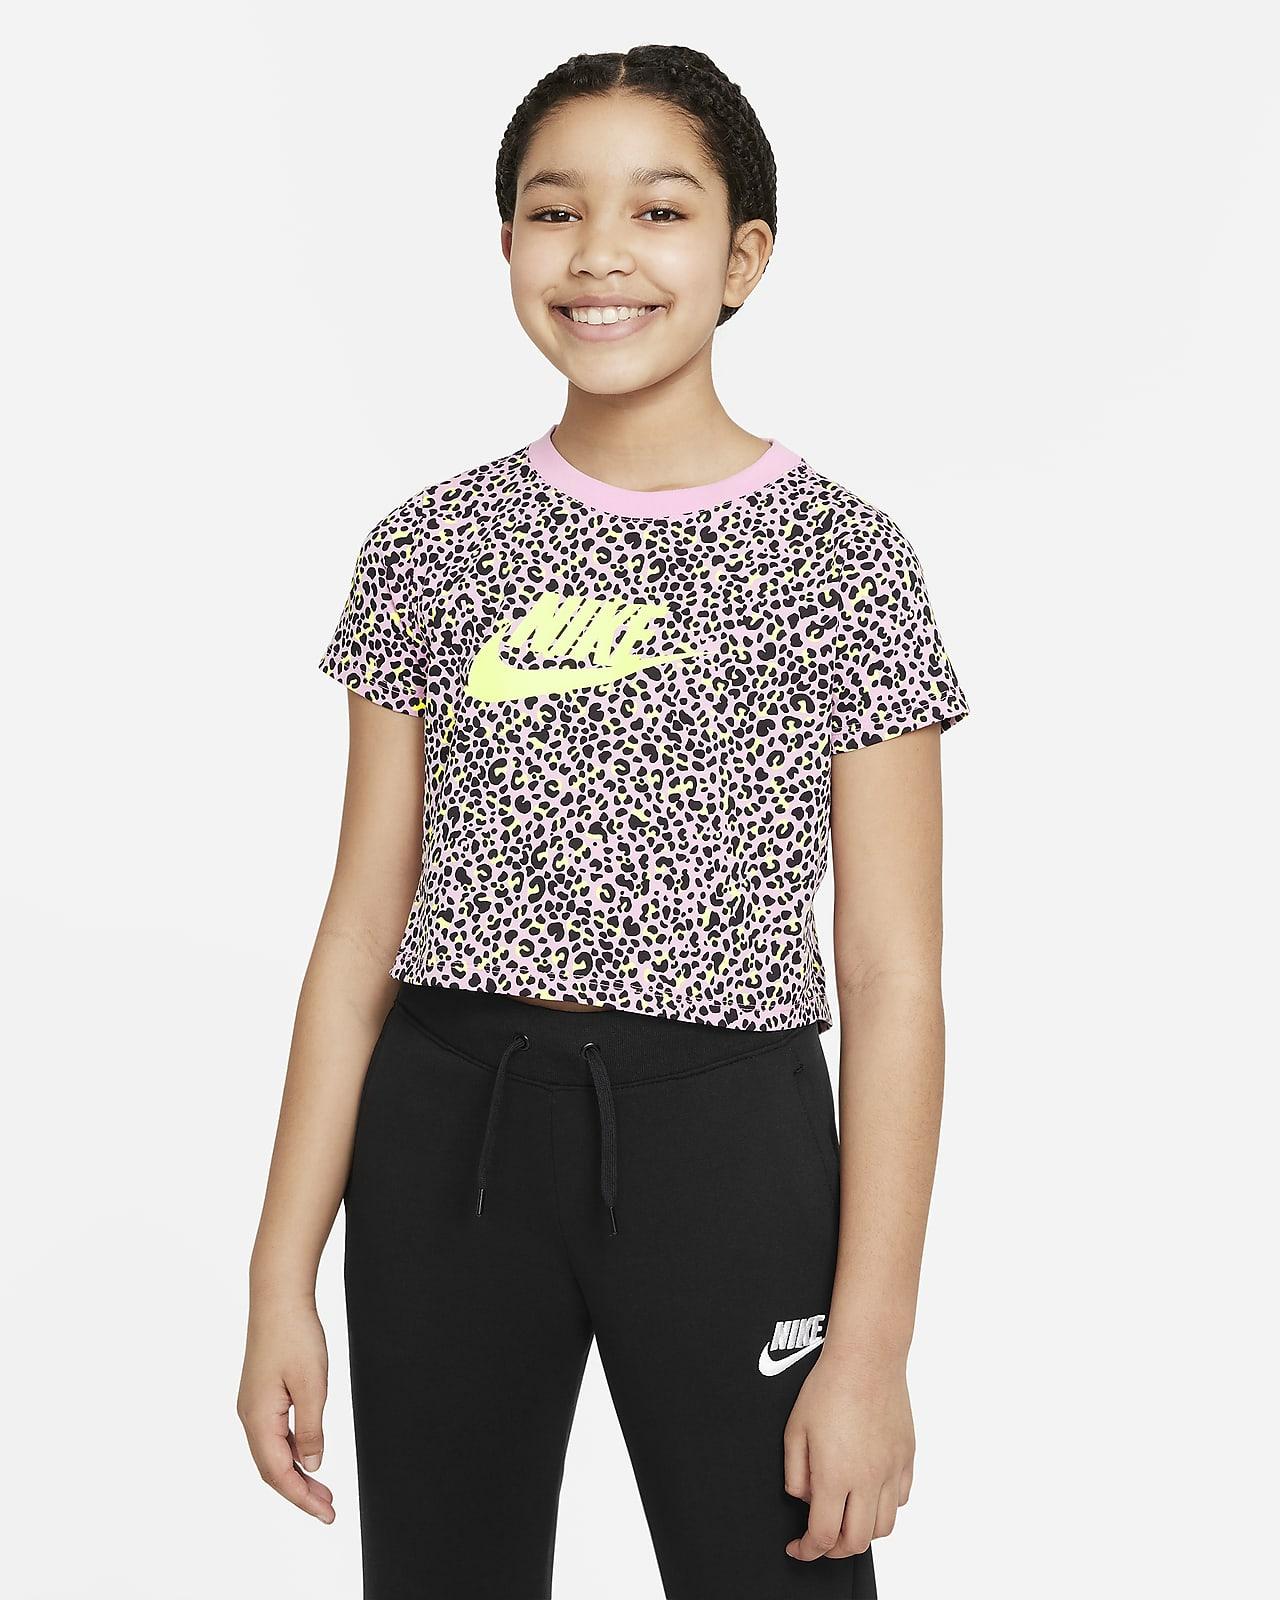 Nike Sportswear Baskılı Kısa Genç Çocuk (Kız) Üstü